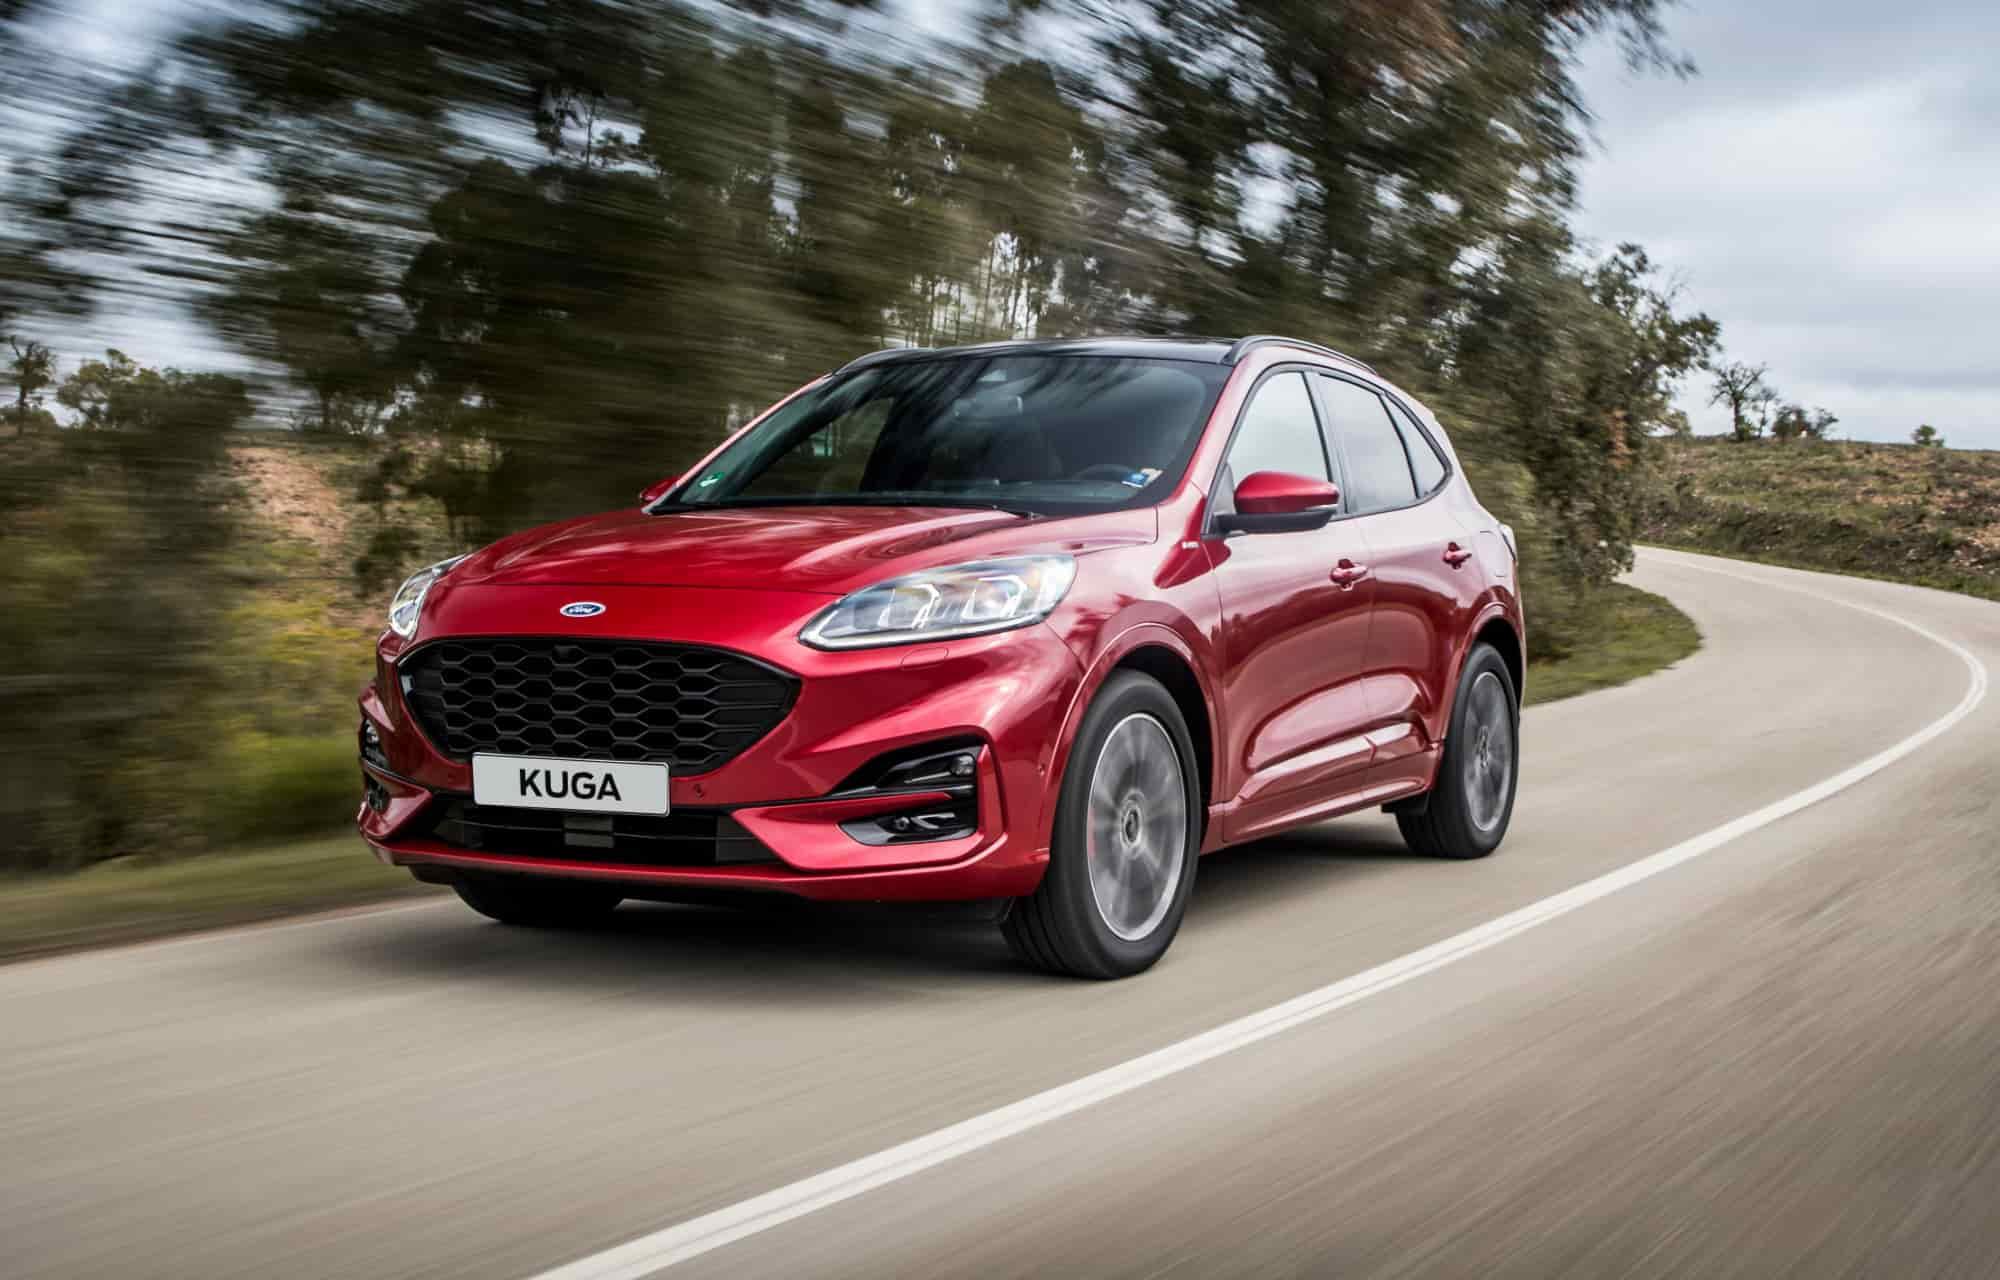 Mye ros til nye Kuga ladbar hybrid i de første biltestene